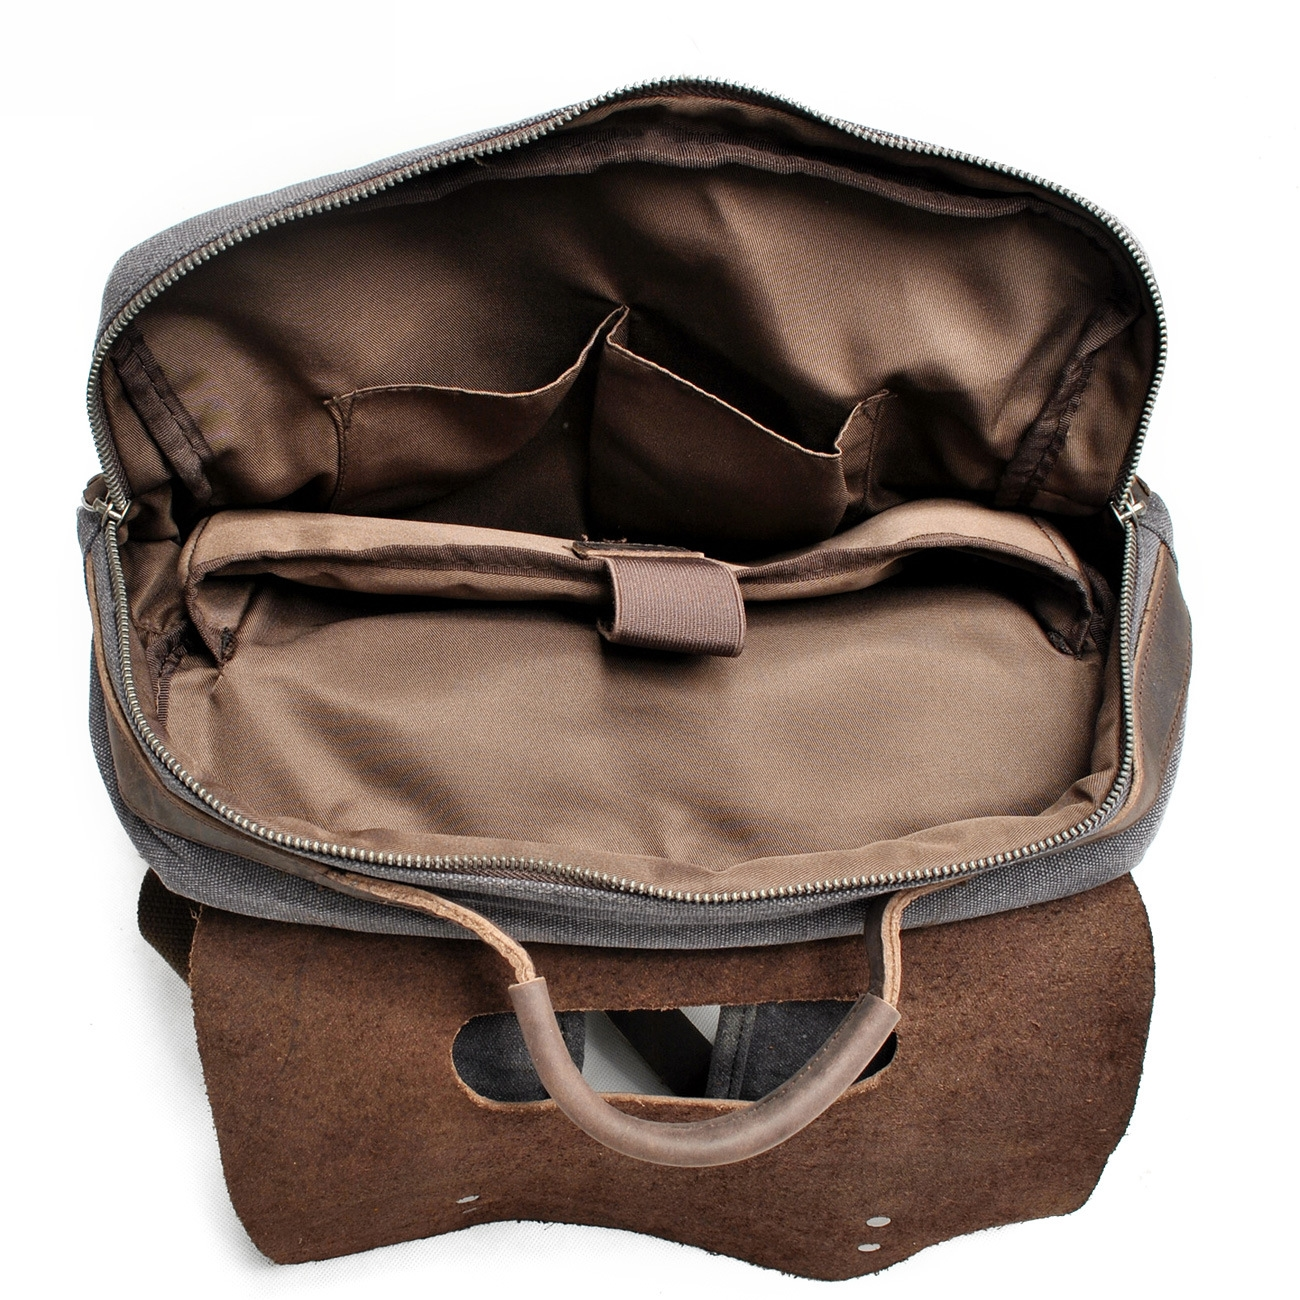 428aa94f94 Pria Kasual Canvas Ransel Vintage Tas Sekolah Kapasitas Besar Tas Travel  Wanita Muda Kulit Laptop Backpack Rucksack Mochila di Ransel dari Bagasi    Tas ...